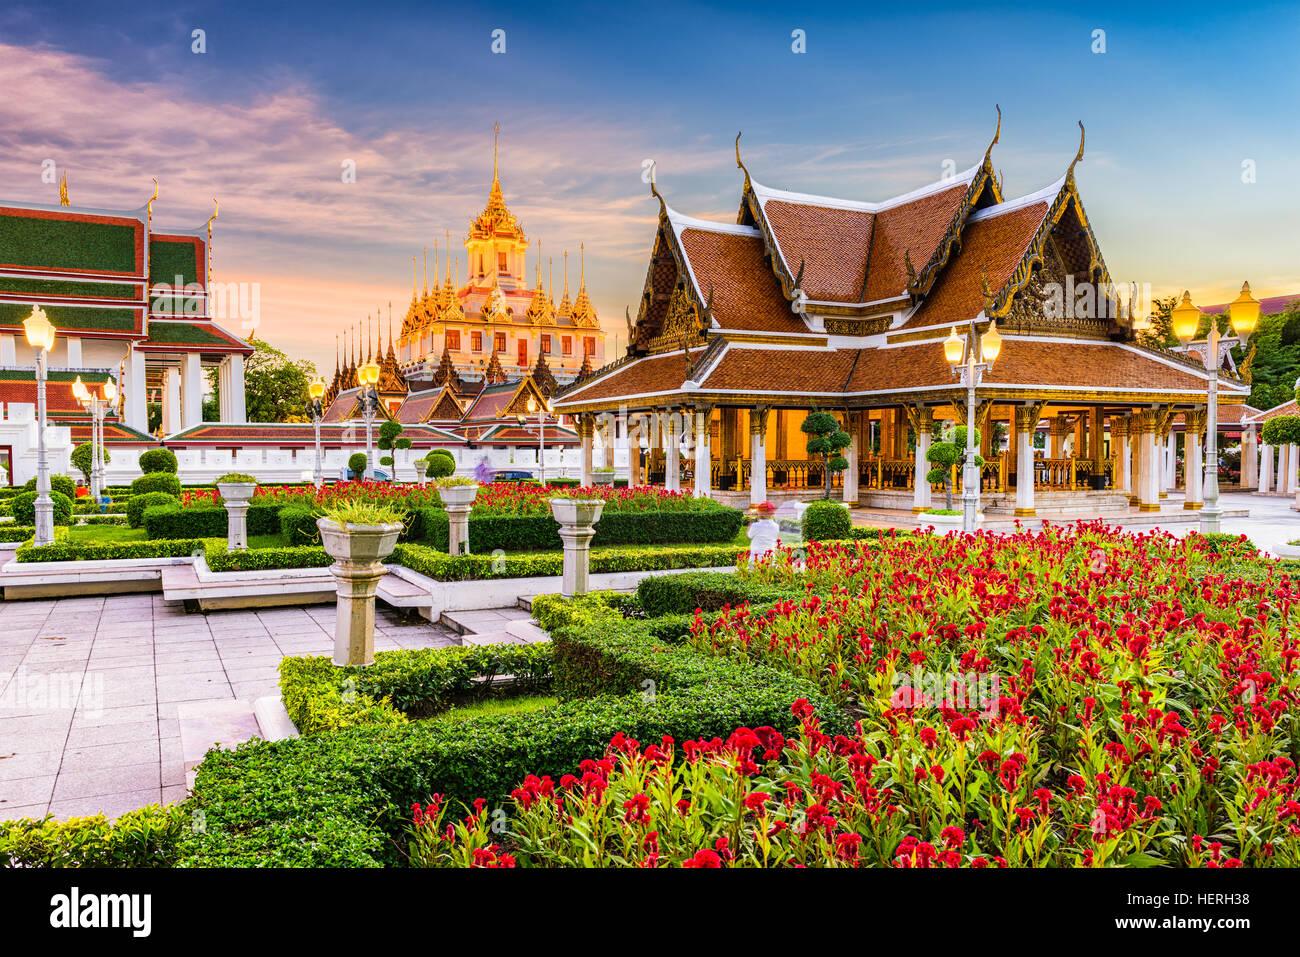 Wat Ratchanatdaram Temple in Bangkok, Thailand. - Stock Image